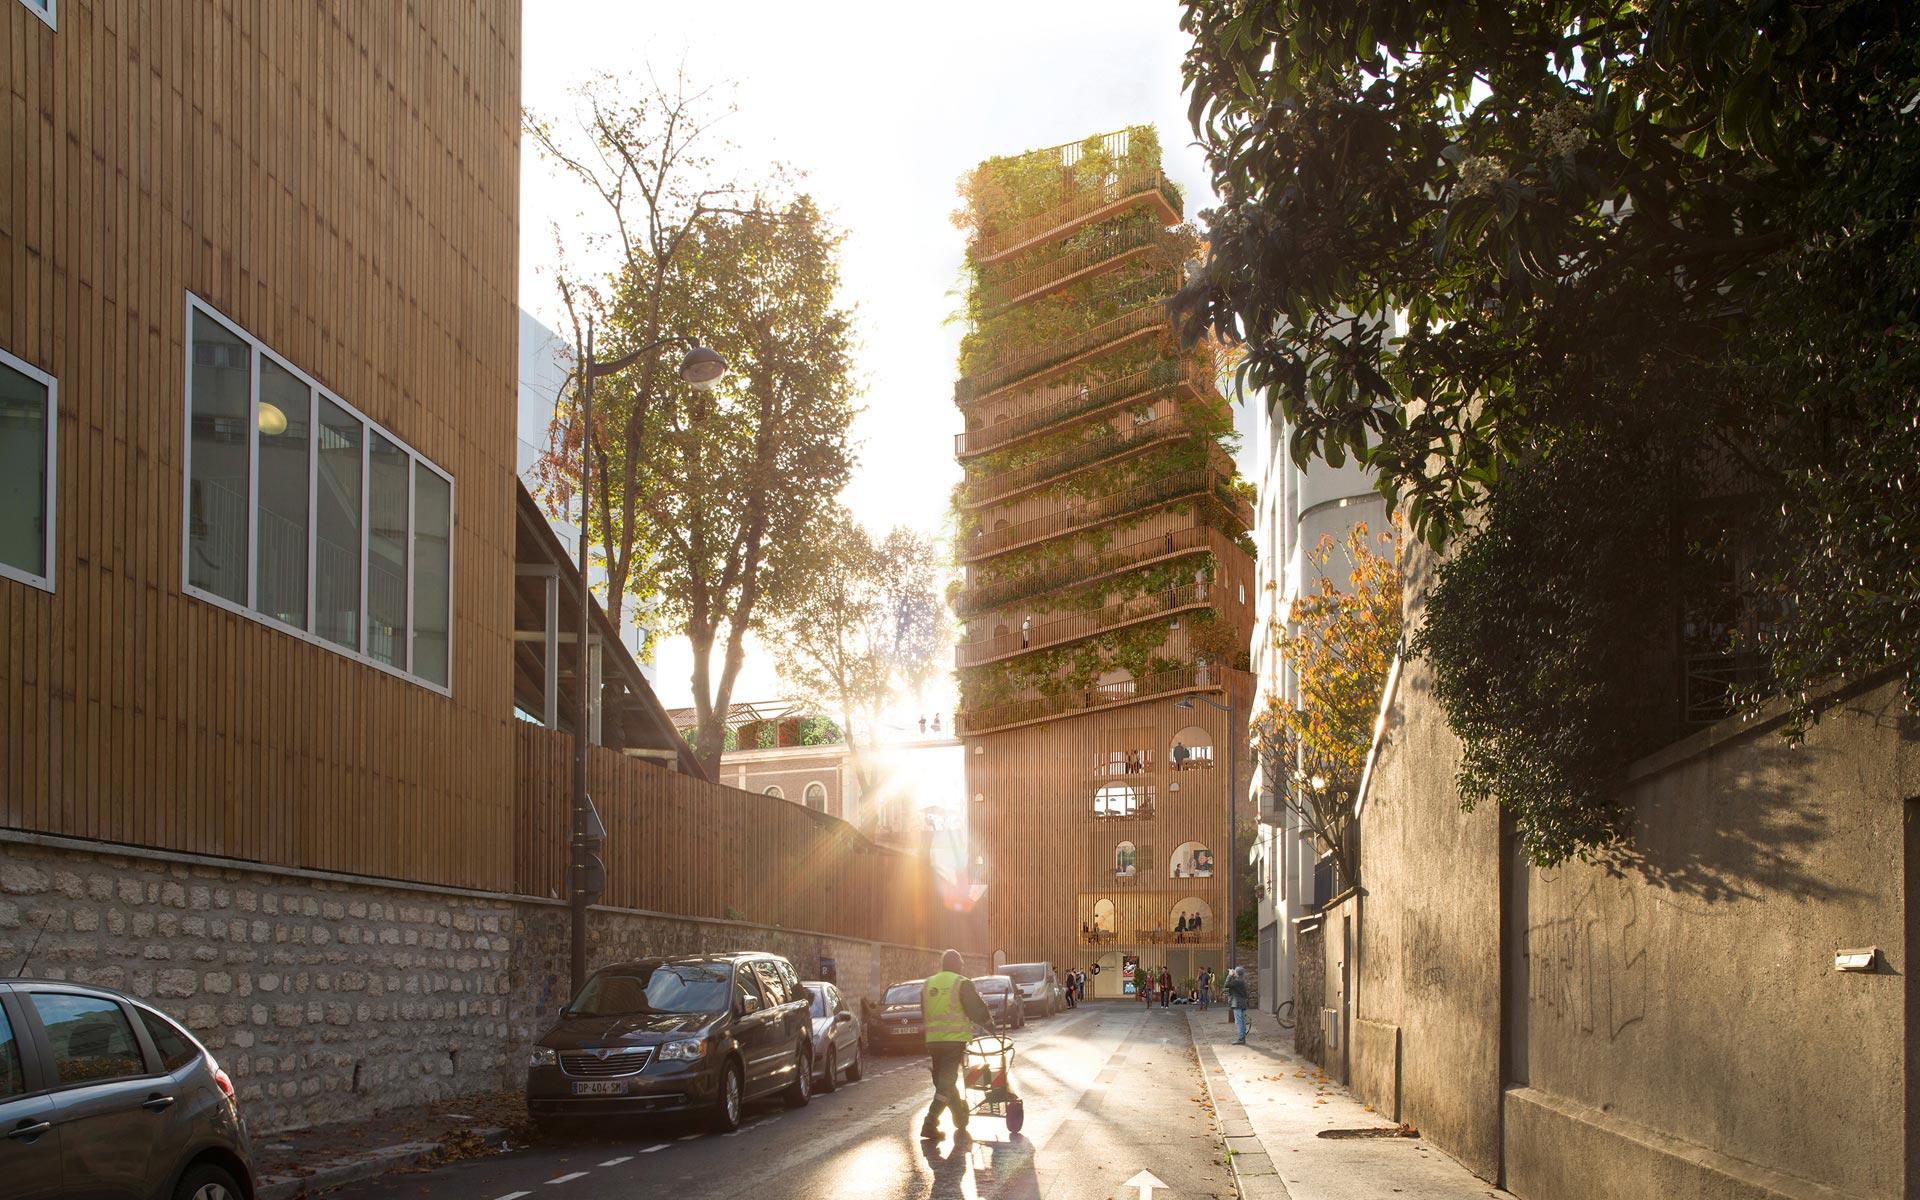 rue-loiret.jpg